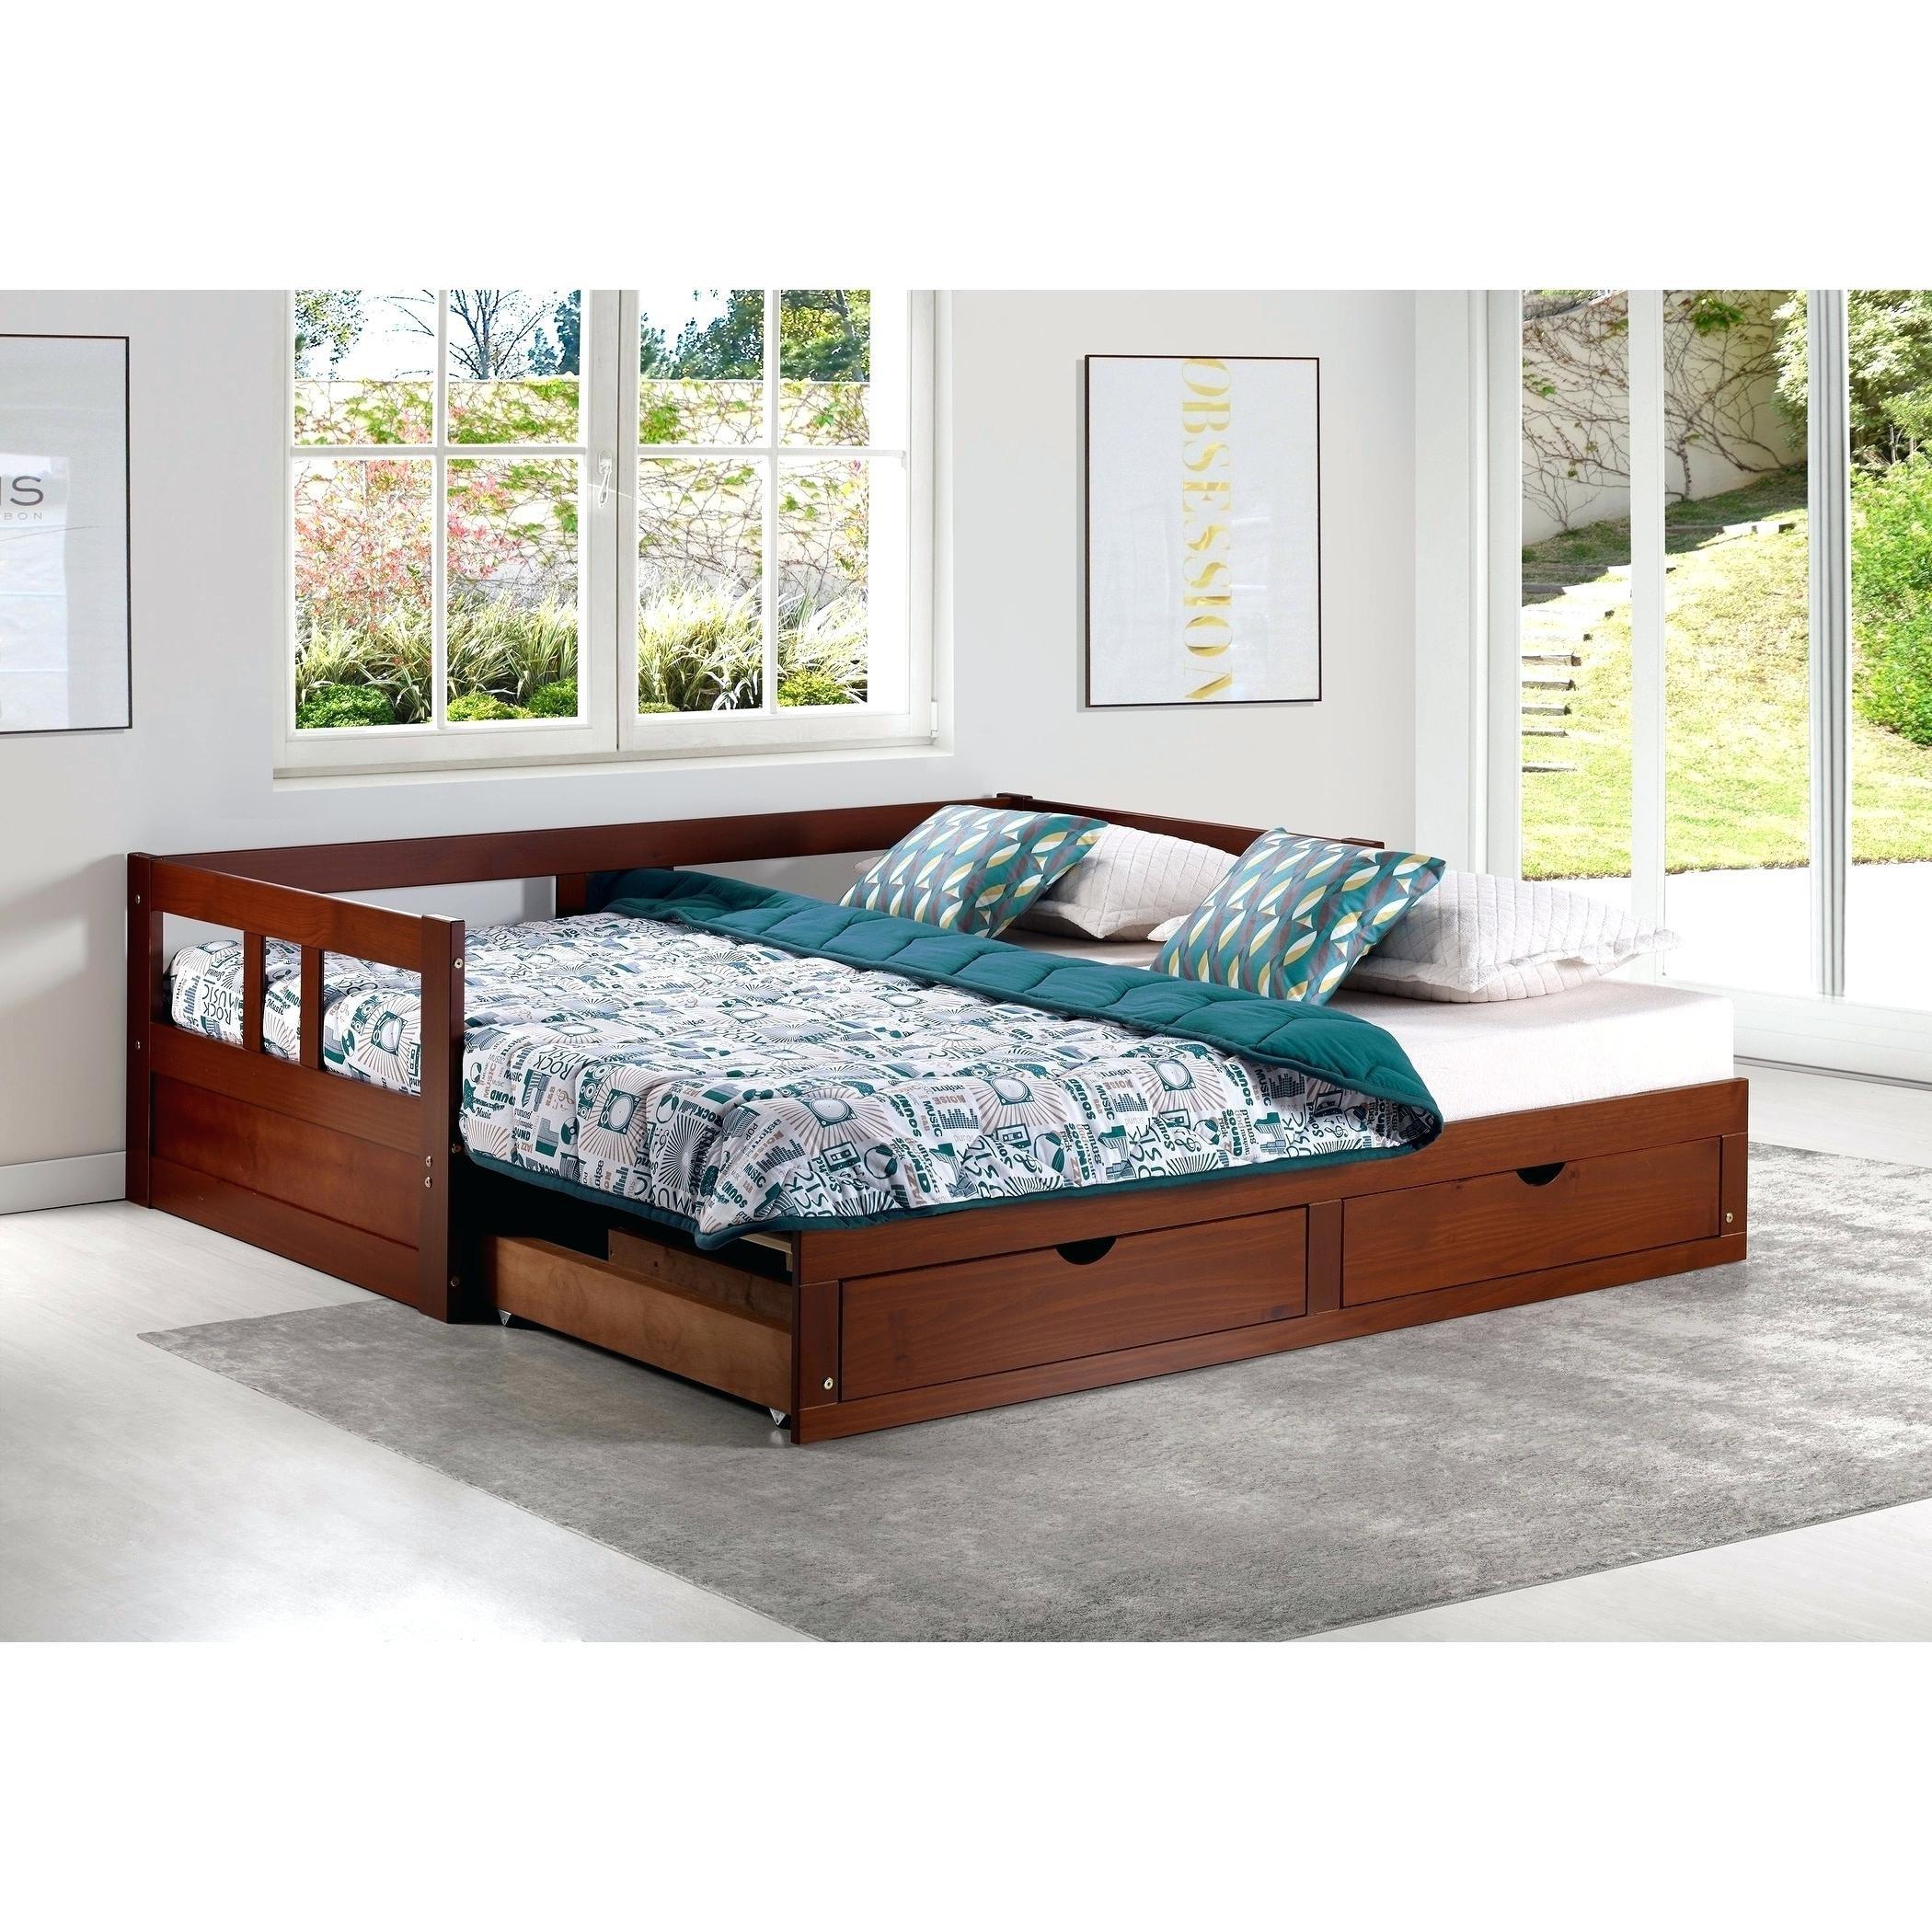 Cheap Childrens Bedroom Set Unique Phenomenal Childrens Beds with Storage Laurelinekoenig